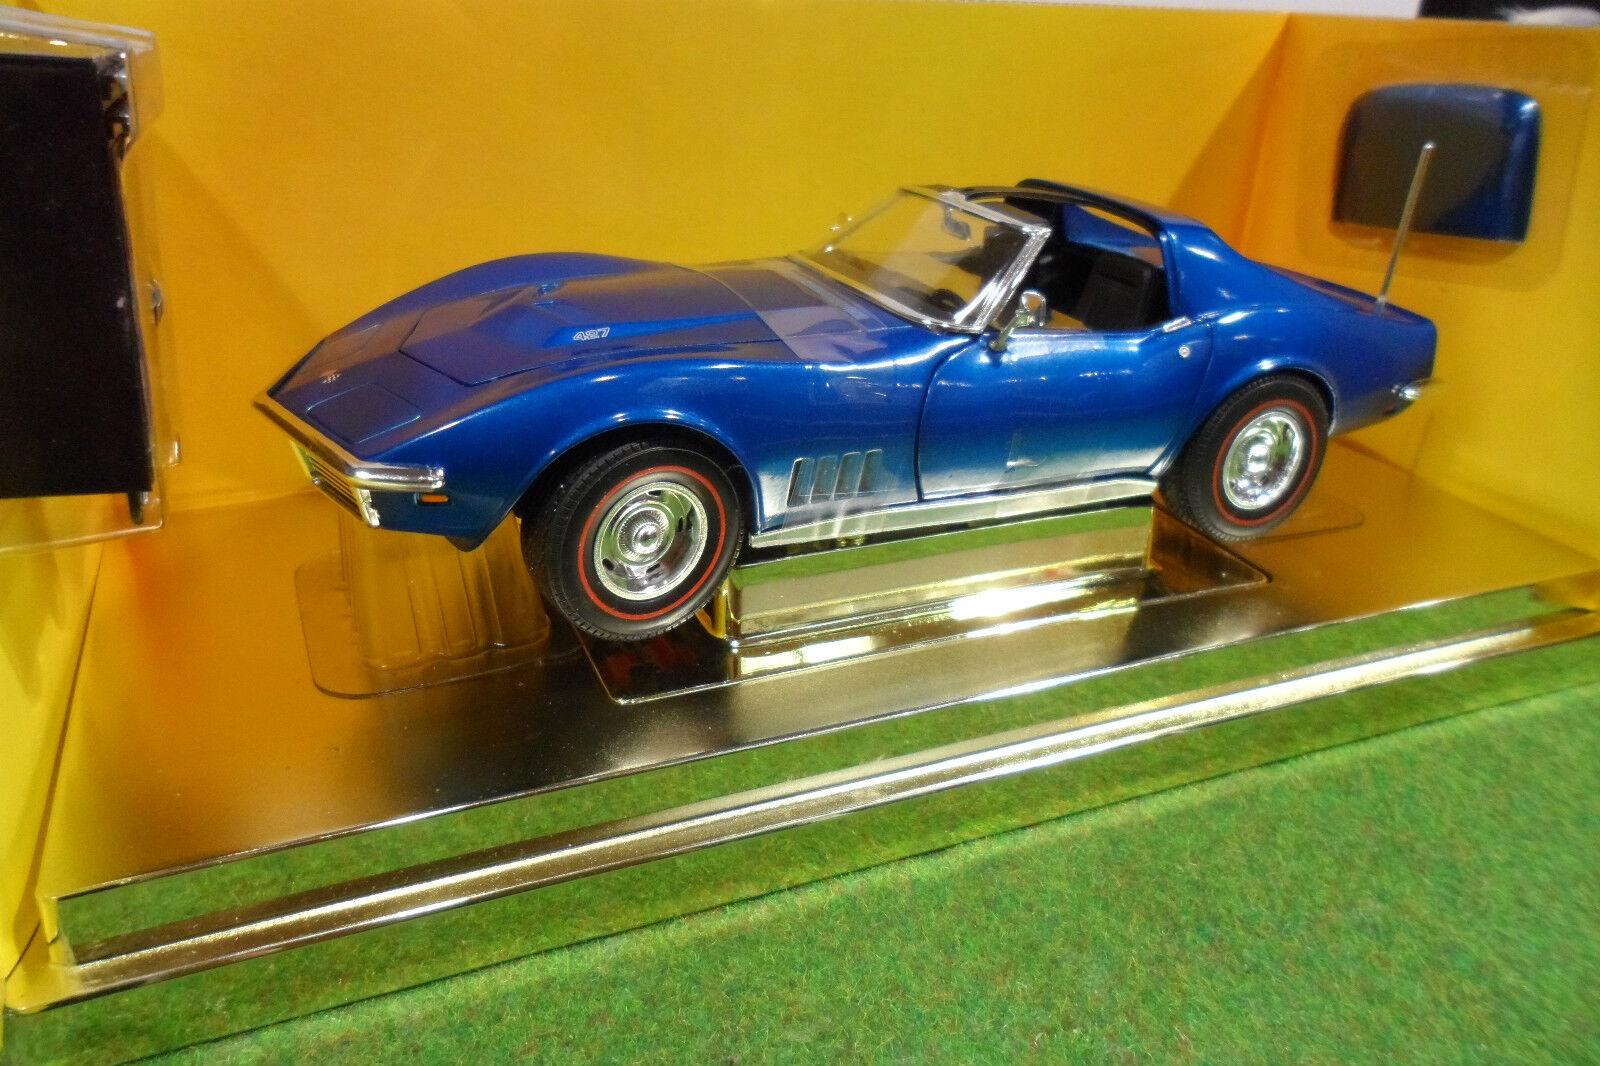 CHEVROLET CORVETTE COUPE 427 1967 cabriolet 1 18 AMERICAN MUSCLE ERTL 33176 voit